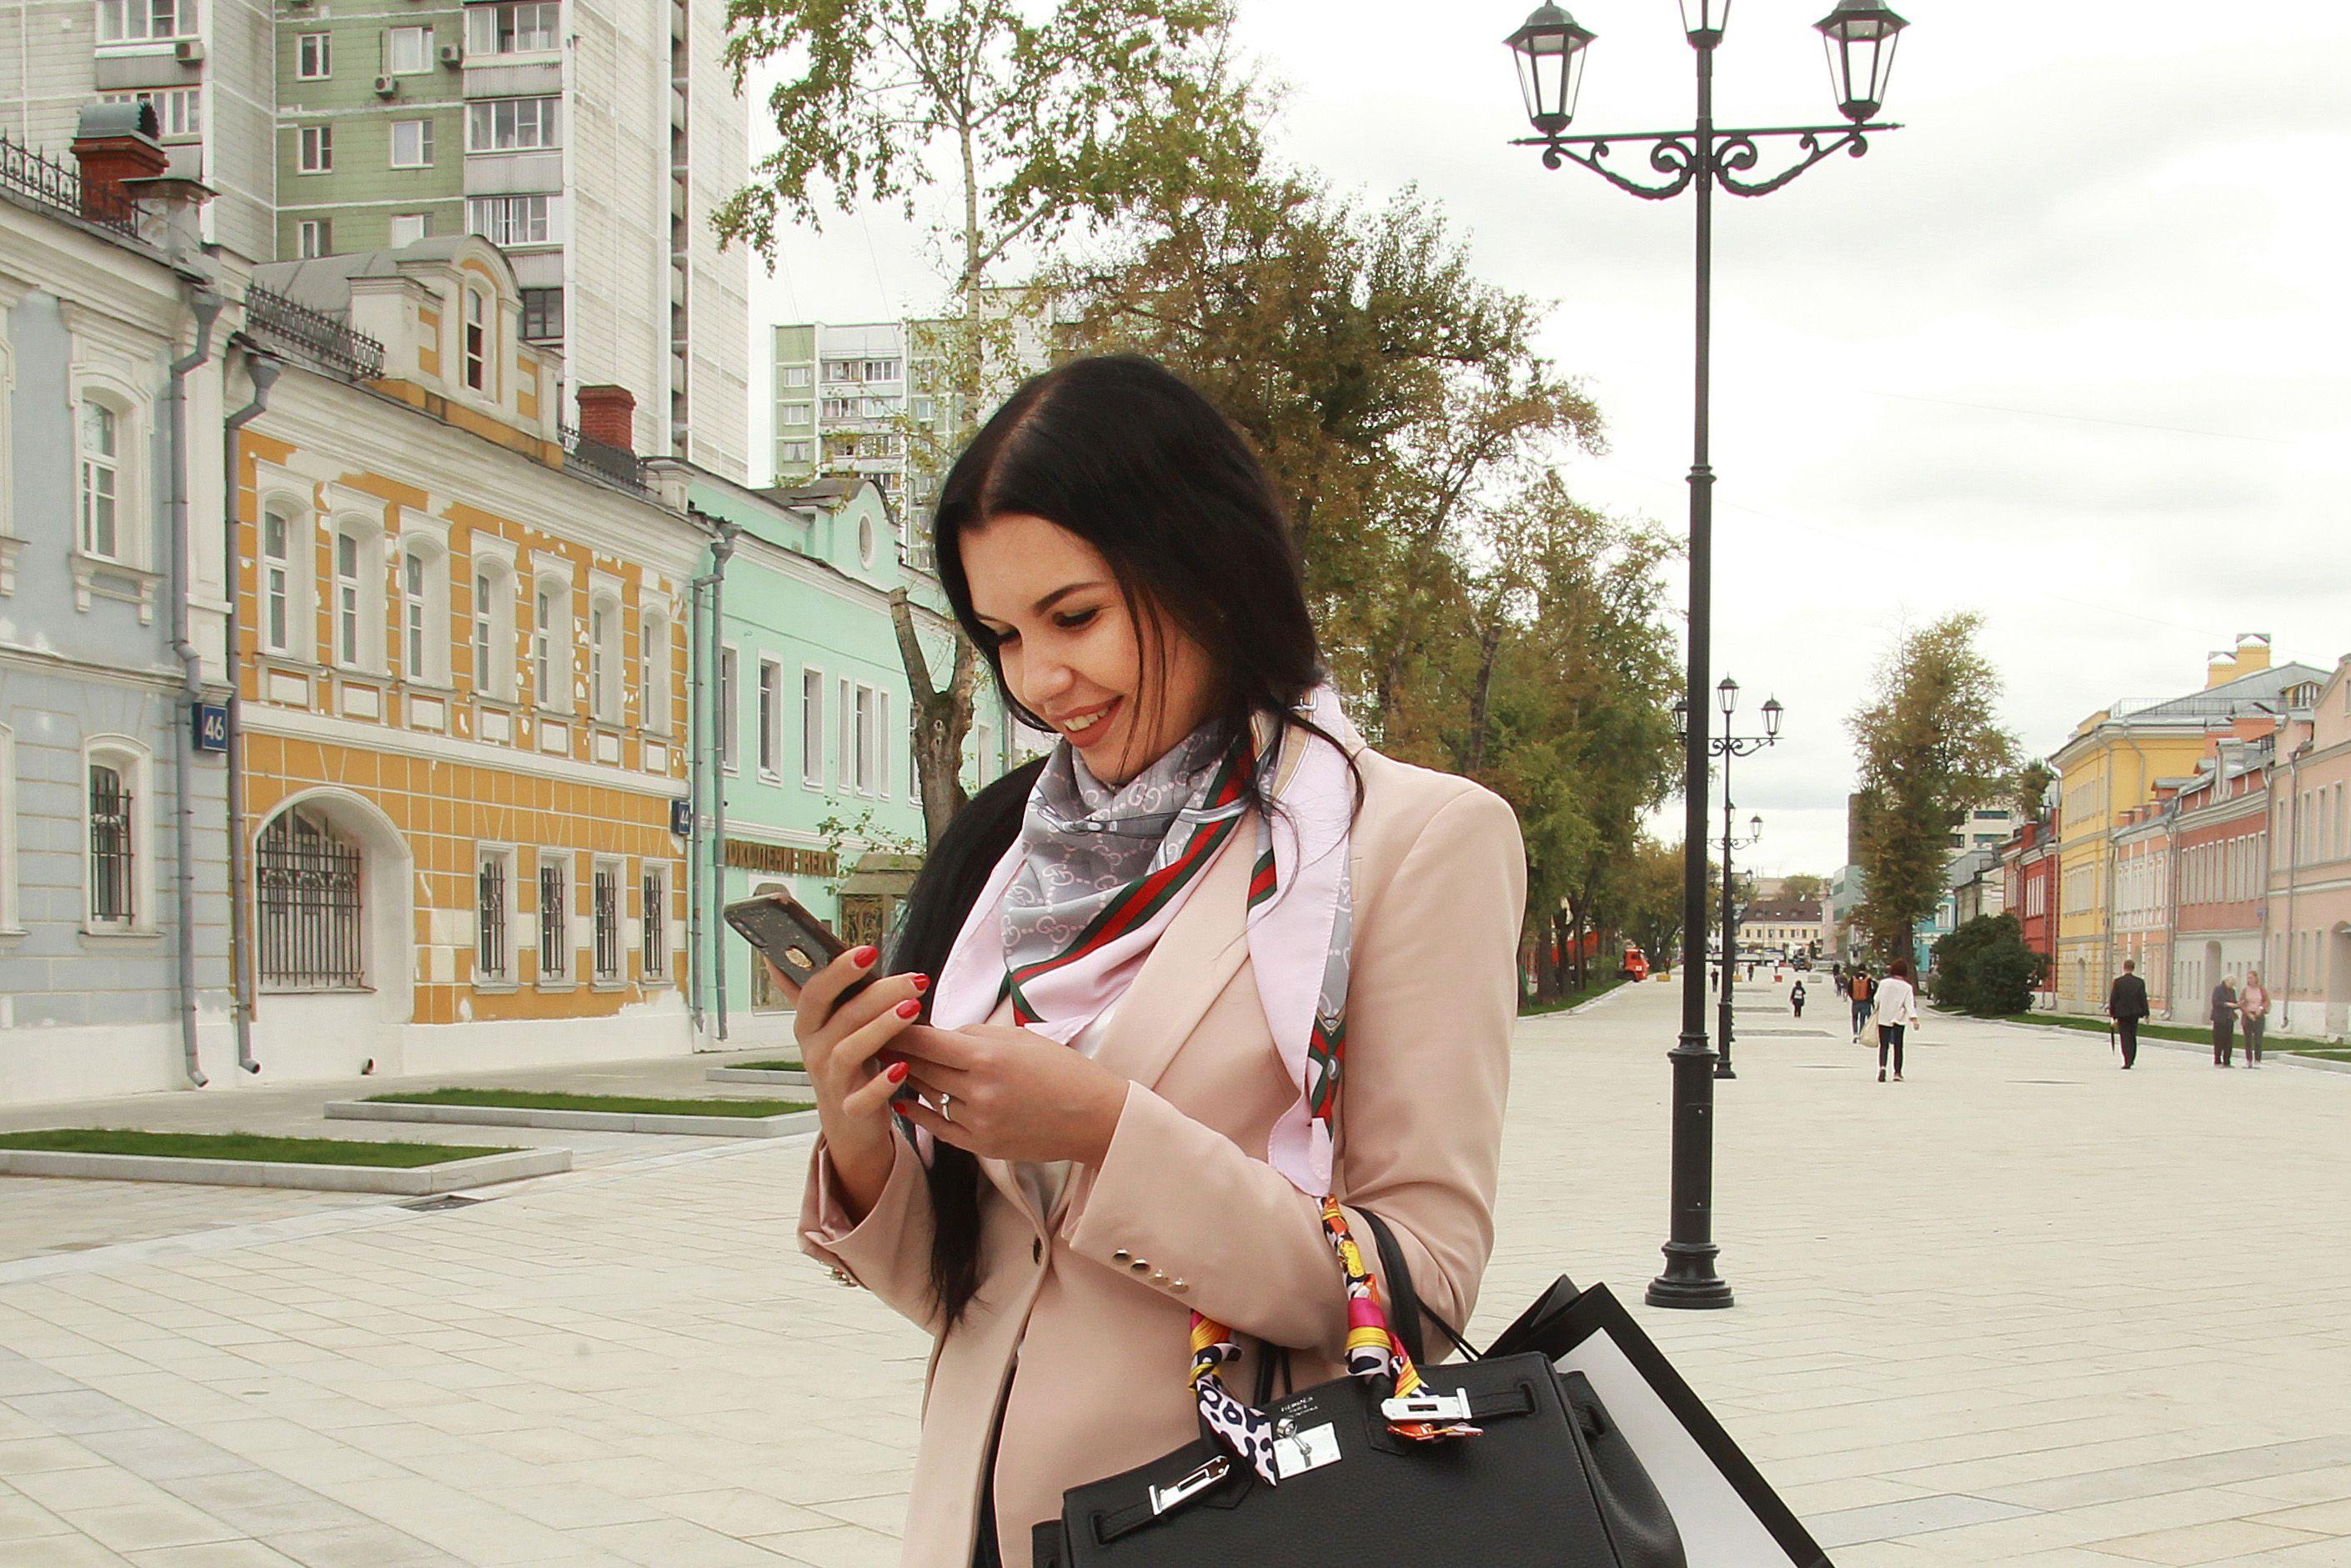 Приложение «Госуслуги Москвы» набрало 1,2 миллиона пользователей за шесть лет